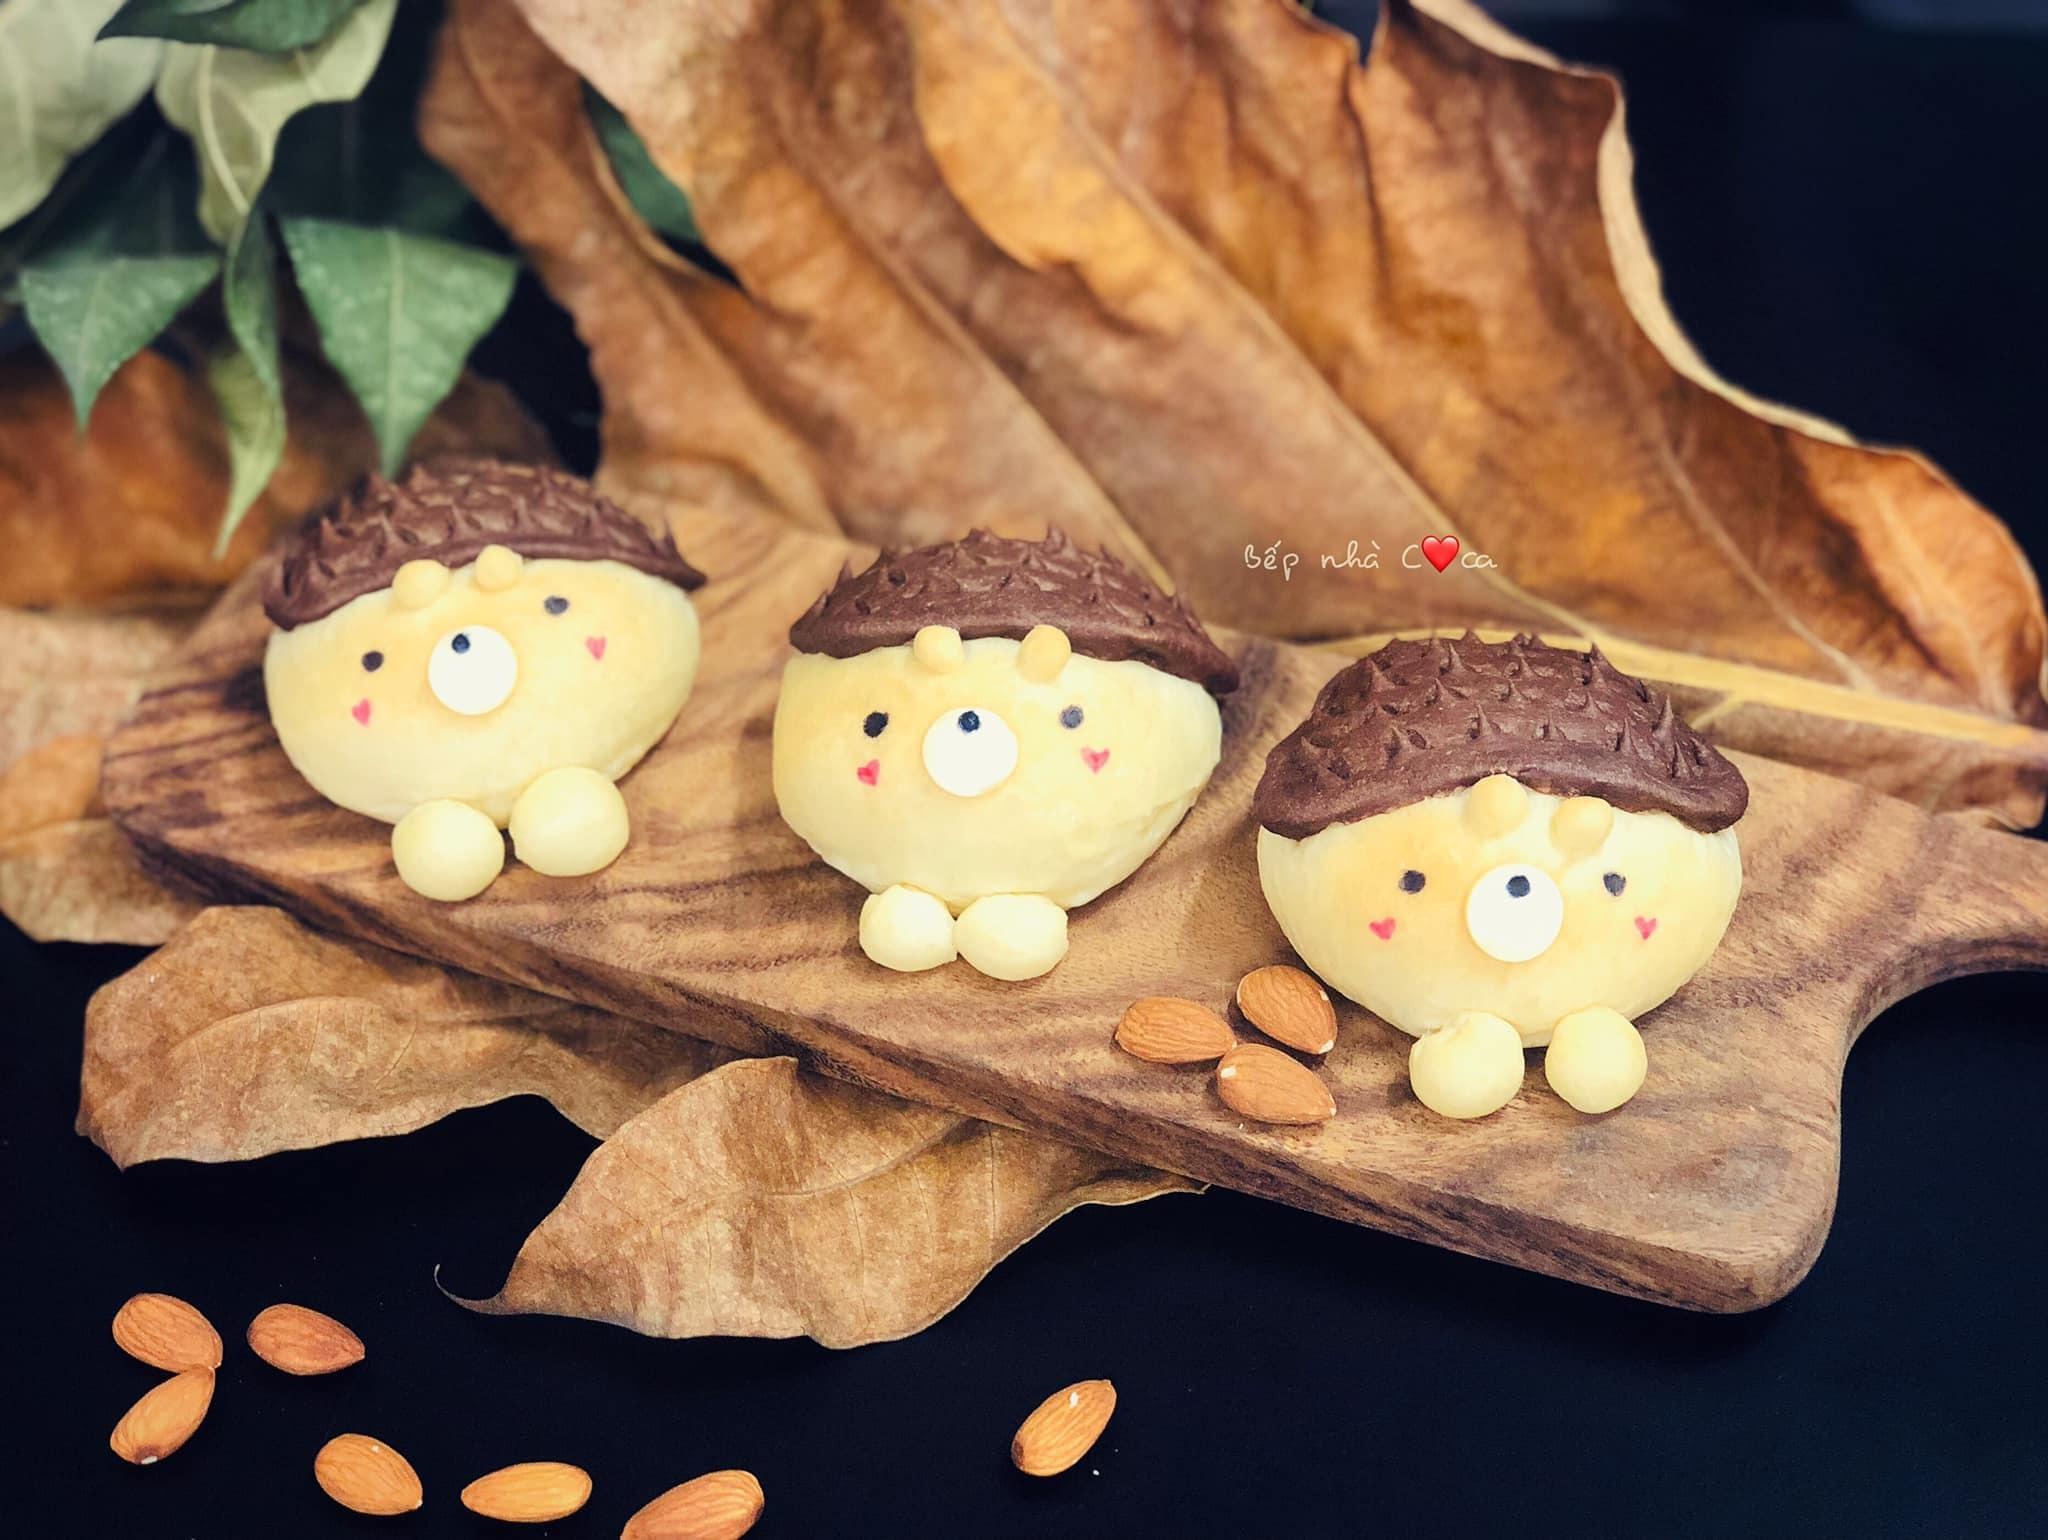 Mẹ đảm Sài Gòn chia sẻ cách làm bánh mì tại nhà đơn giản và cực bắt mắt